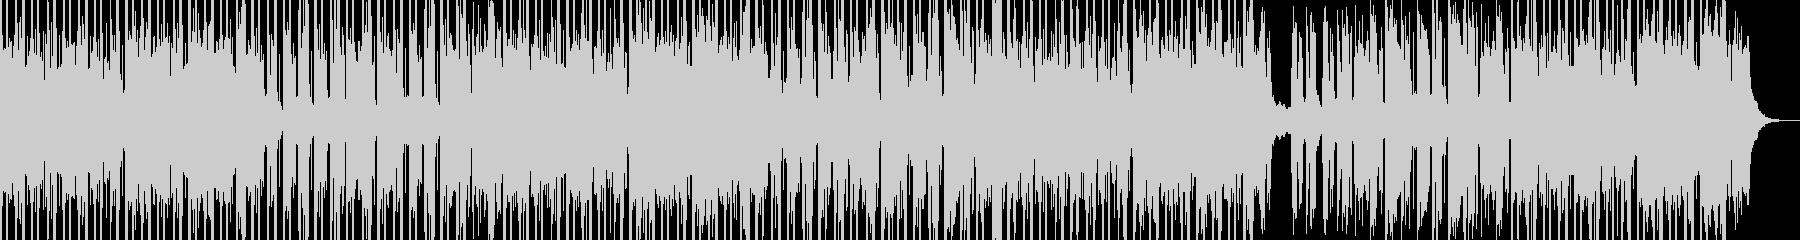 神秘的な民族音楽風BGMの未再生の波形